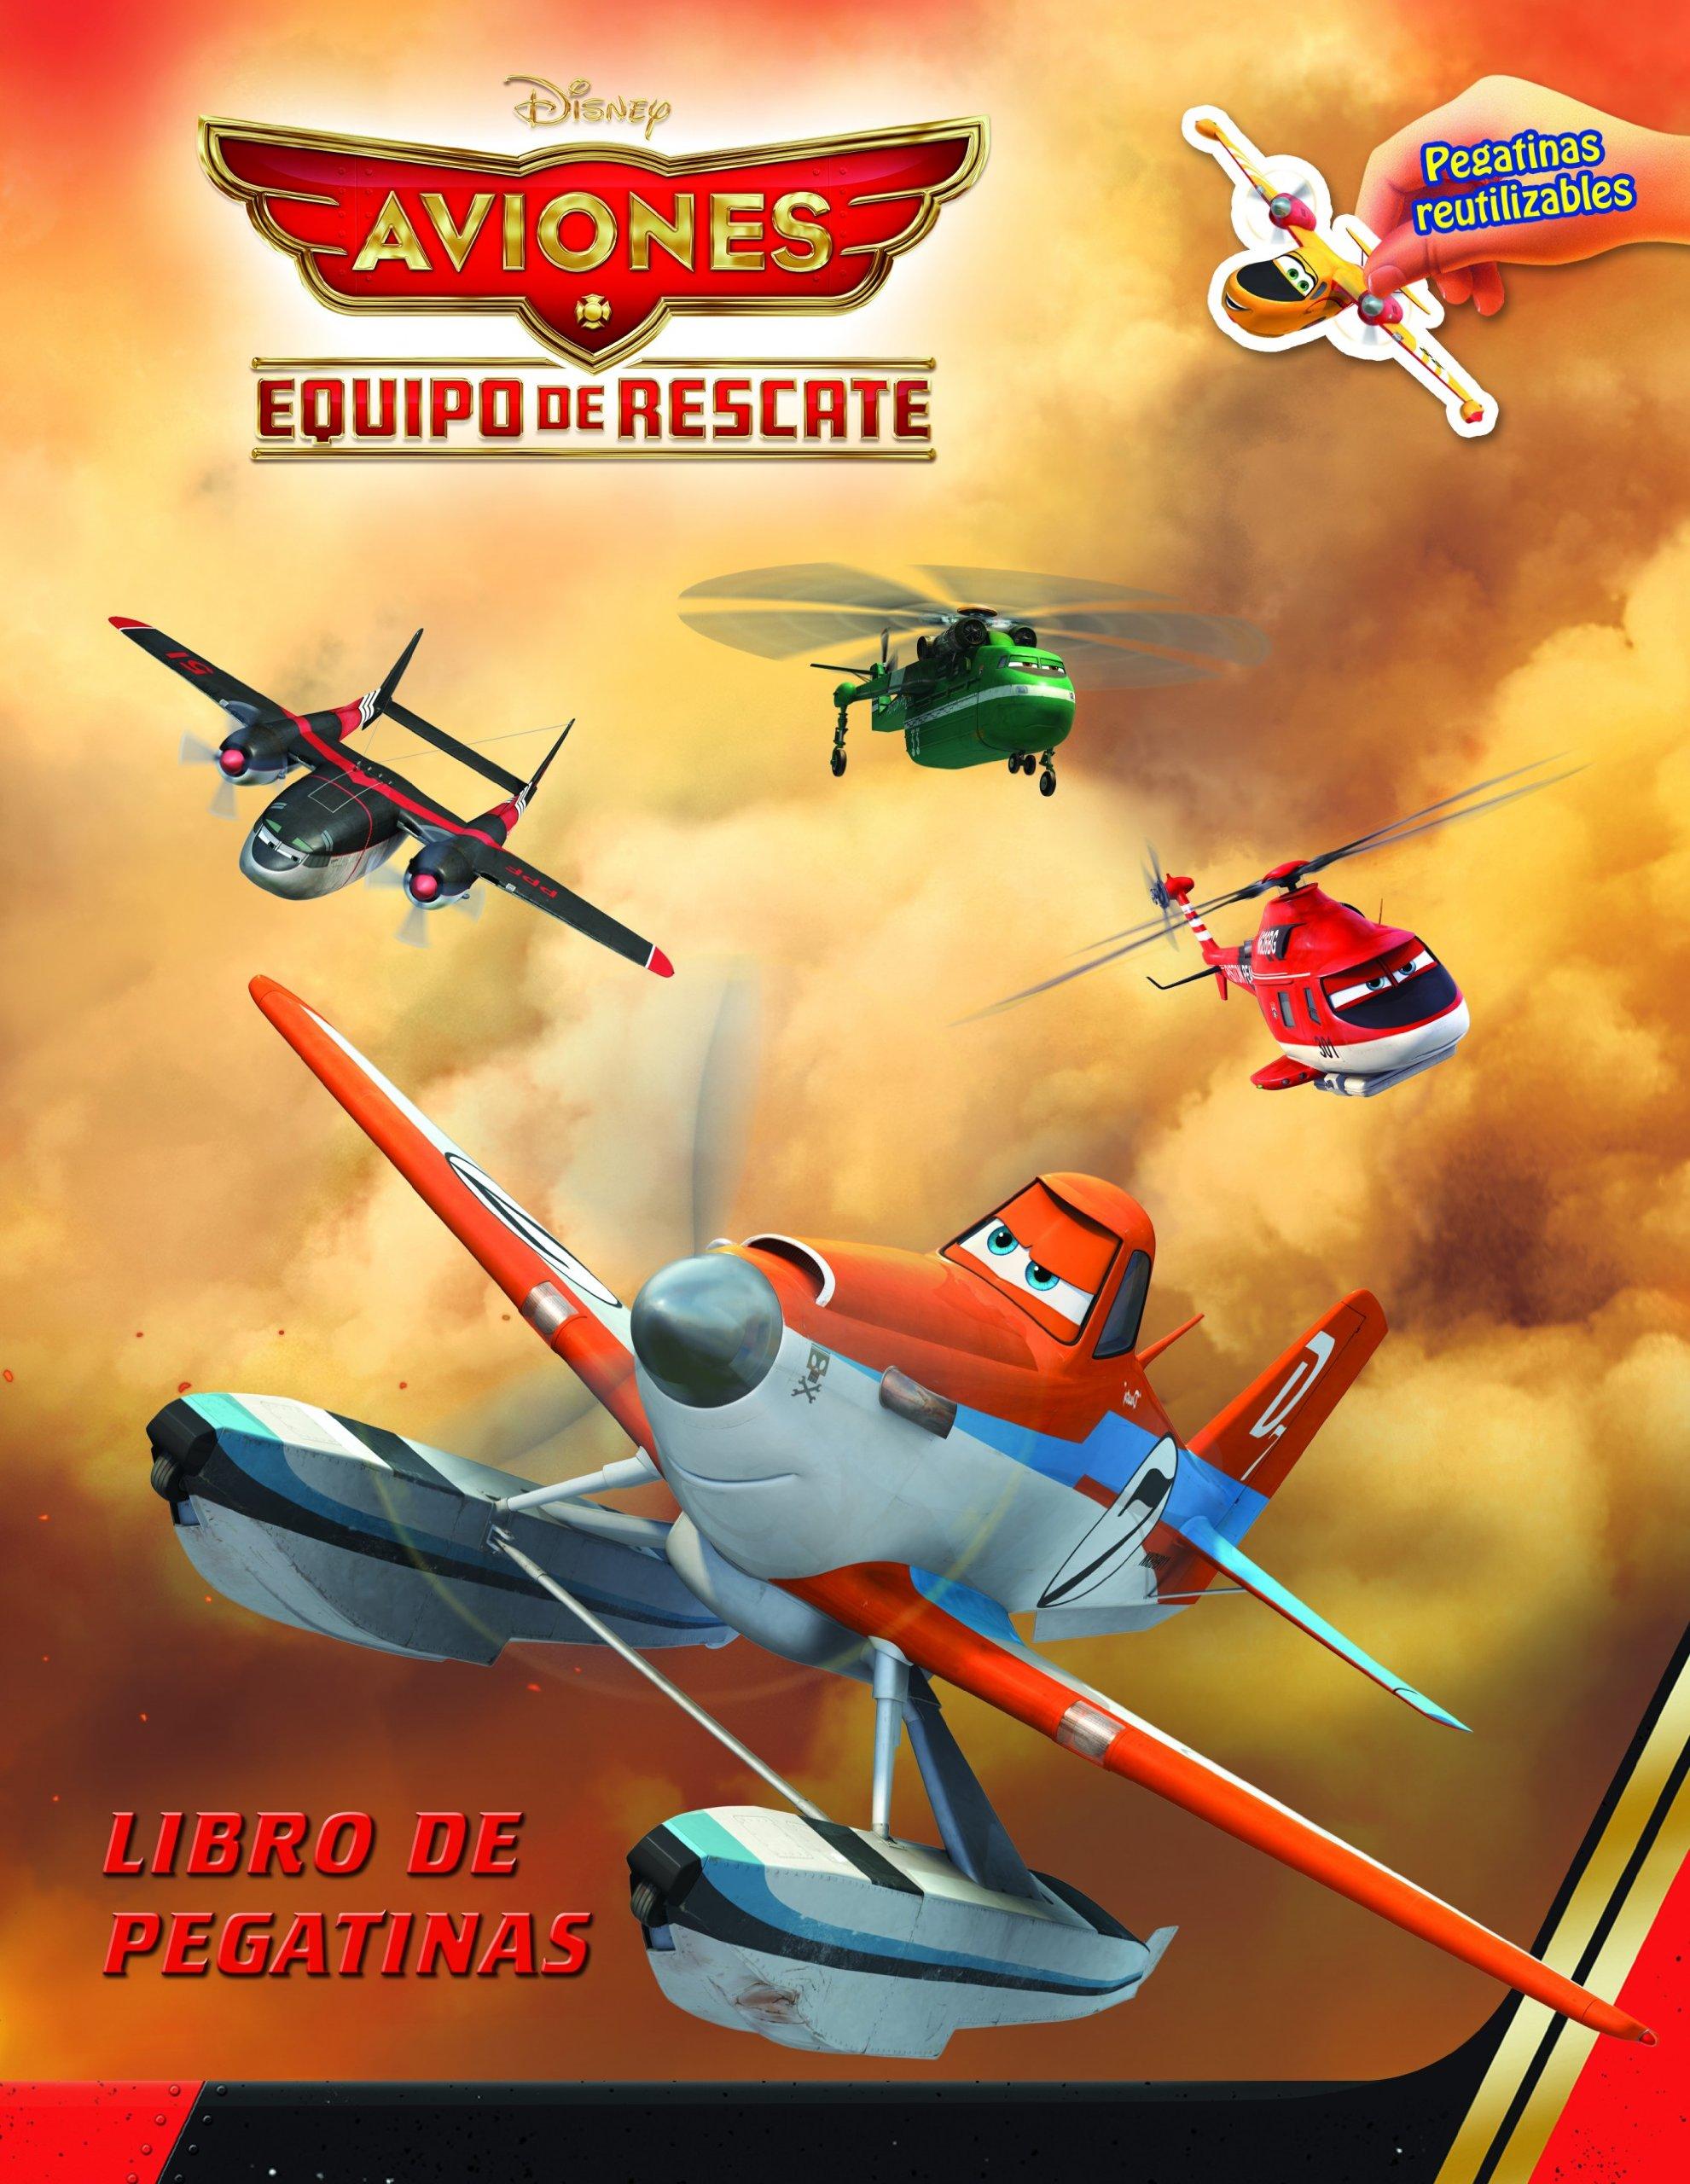 Aviones. Equipo de rescate. Libro de pegatinas: Con pegatinas reutilizables Disney. Aviones: Amazon.es: Disney: Libros